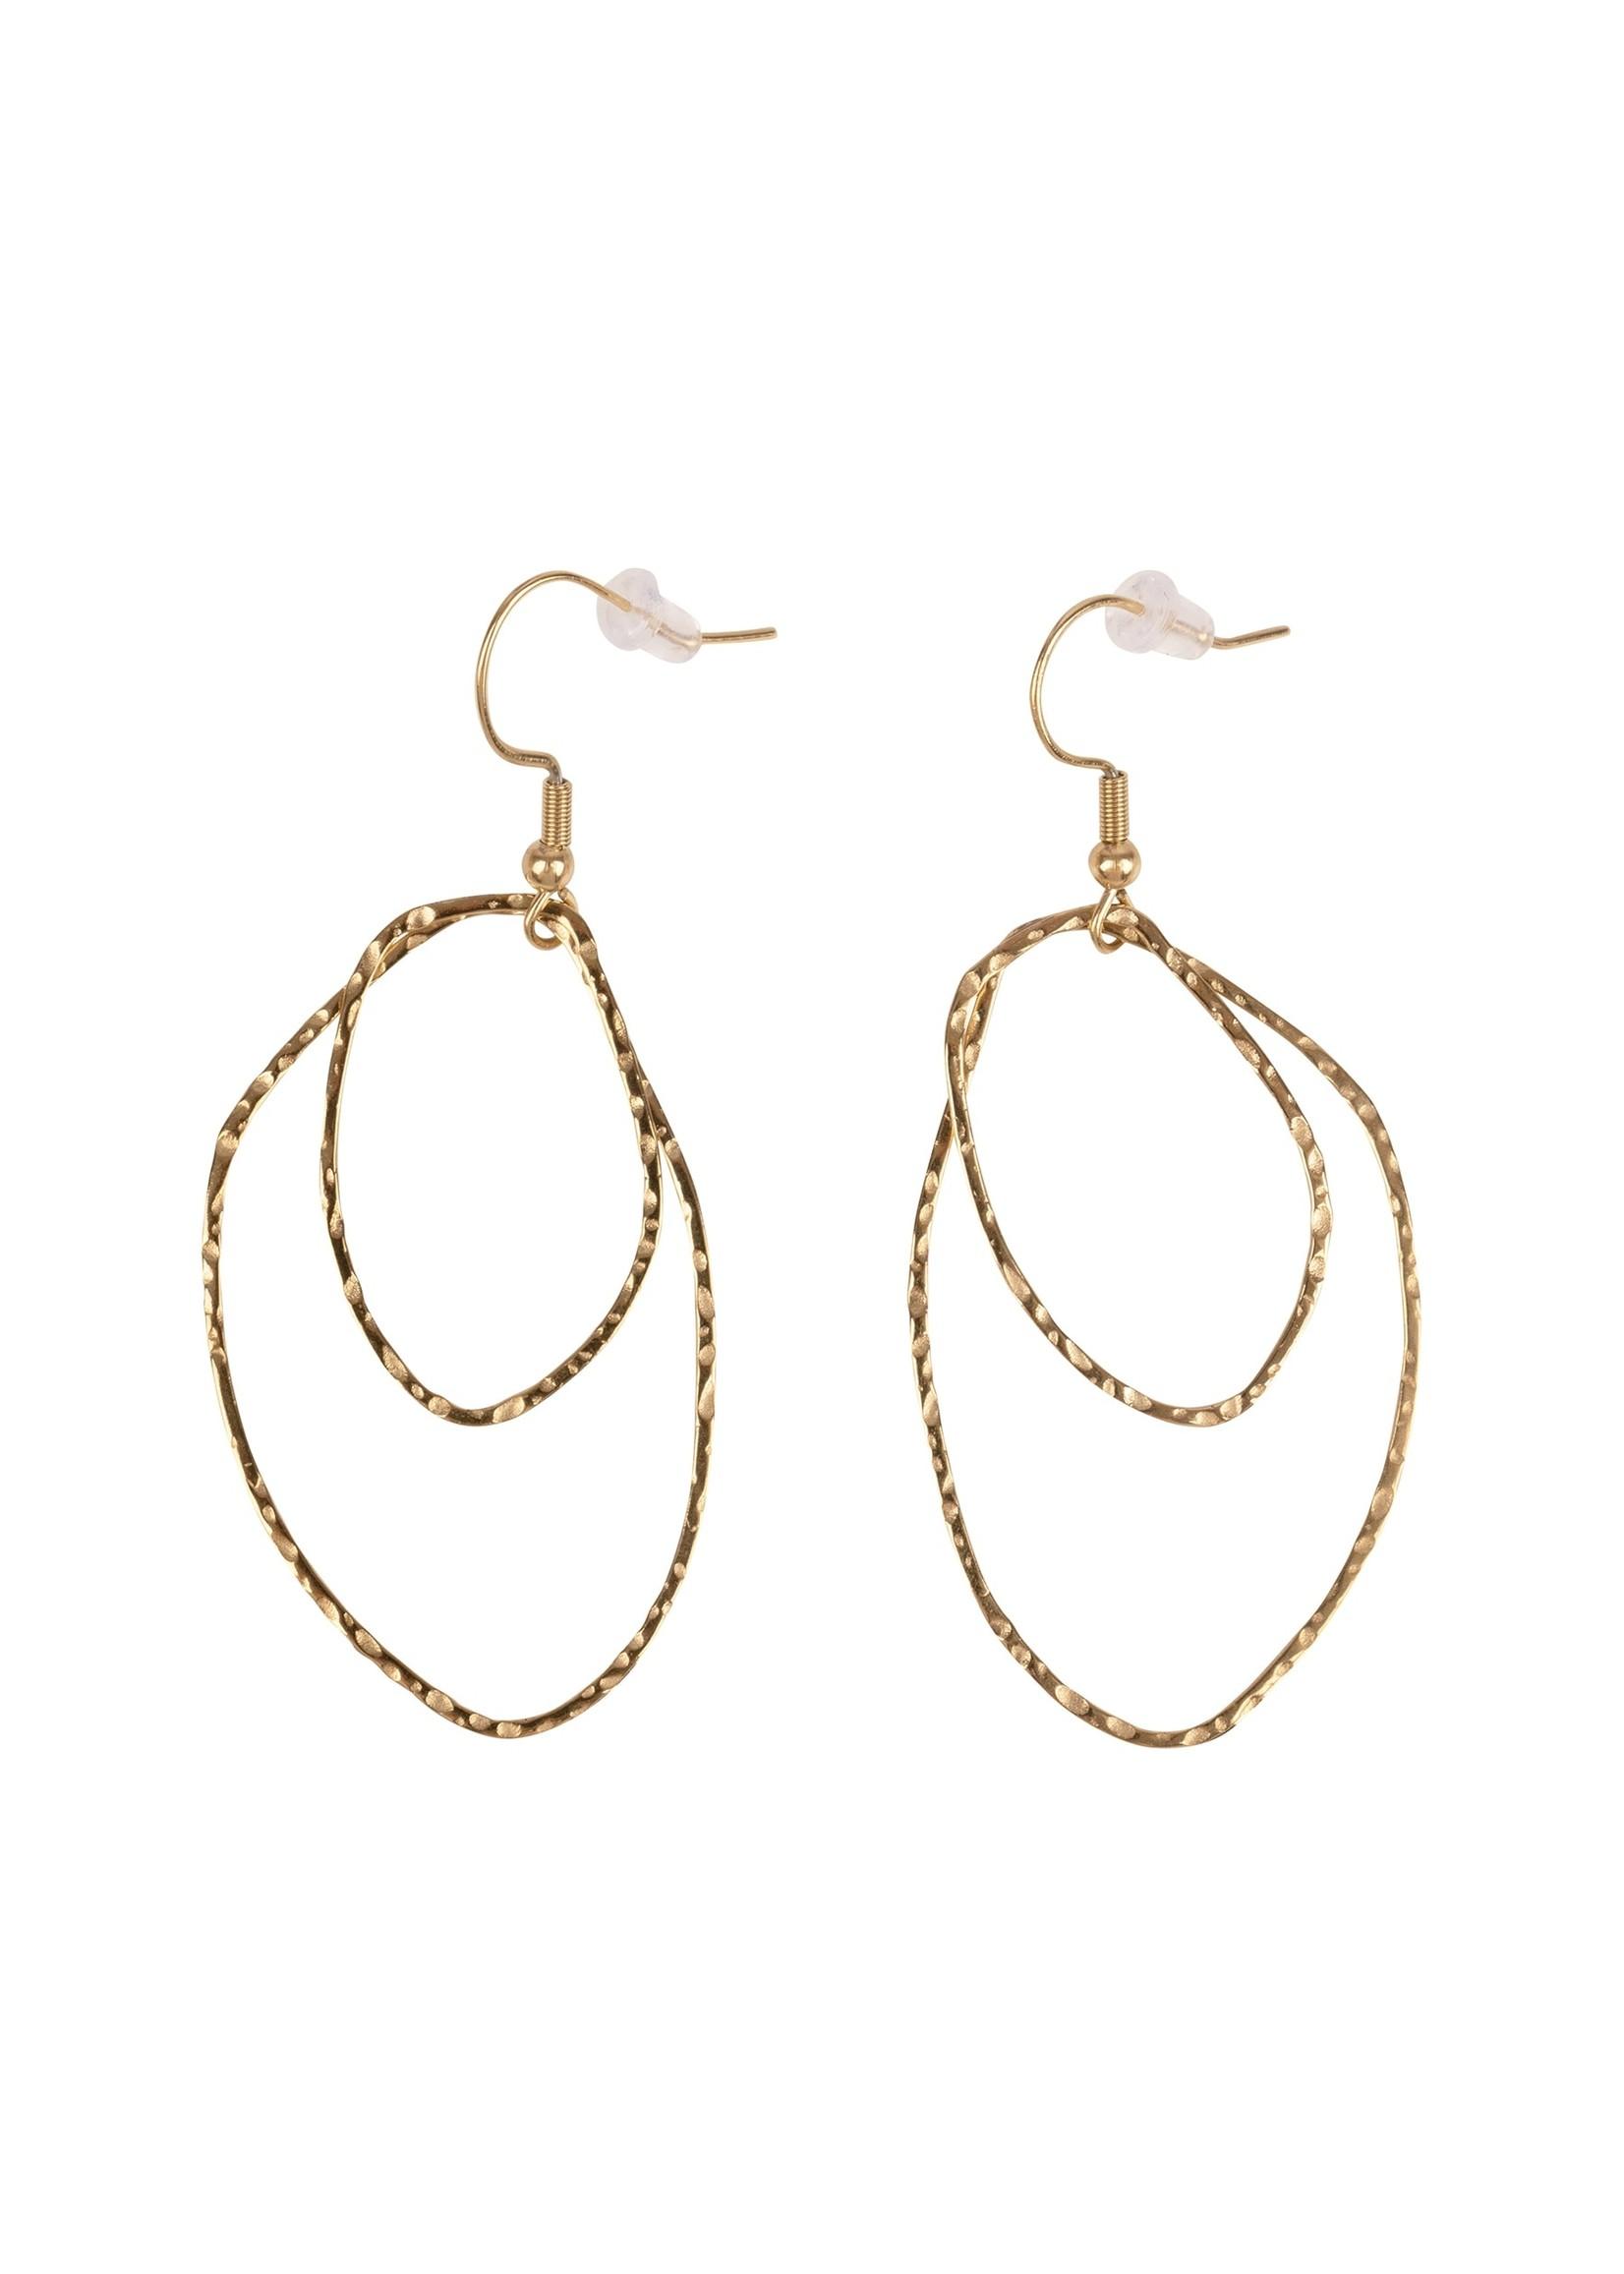 ZUSSS oorbellen gouden hangers